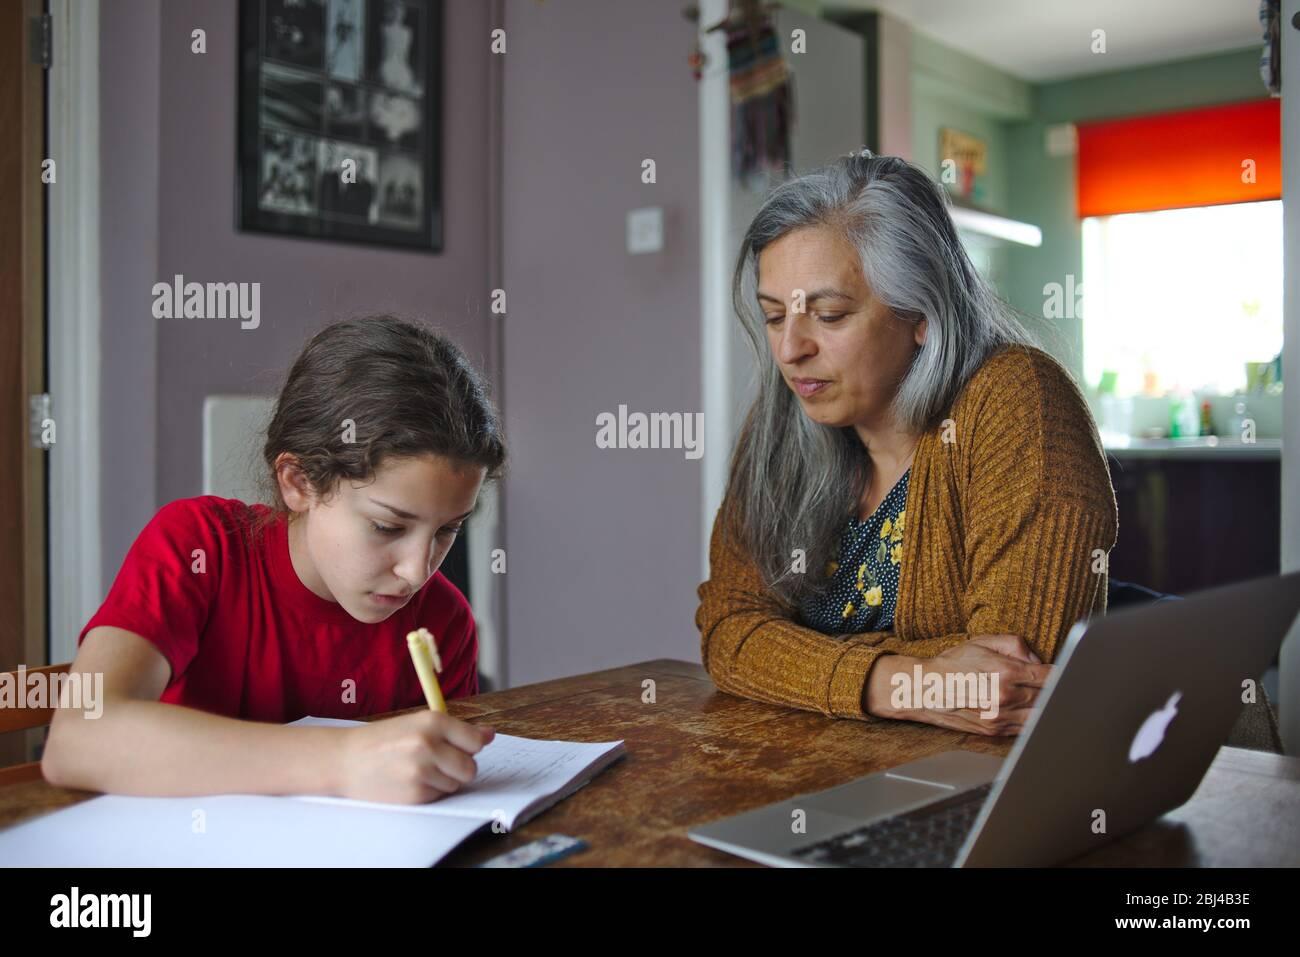 Genitore che aiuta il bambino con lavoro scolastico a casa durante il blocco del coronavirus. Aprile 2020 Regno Unito Foto Stock